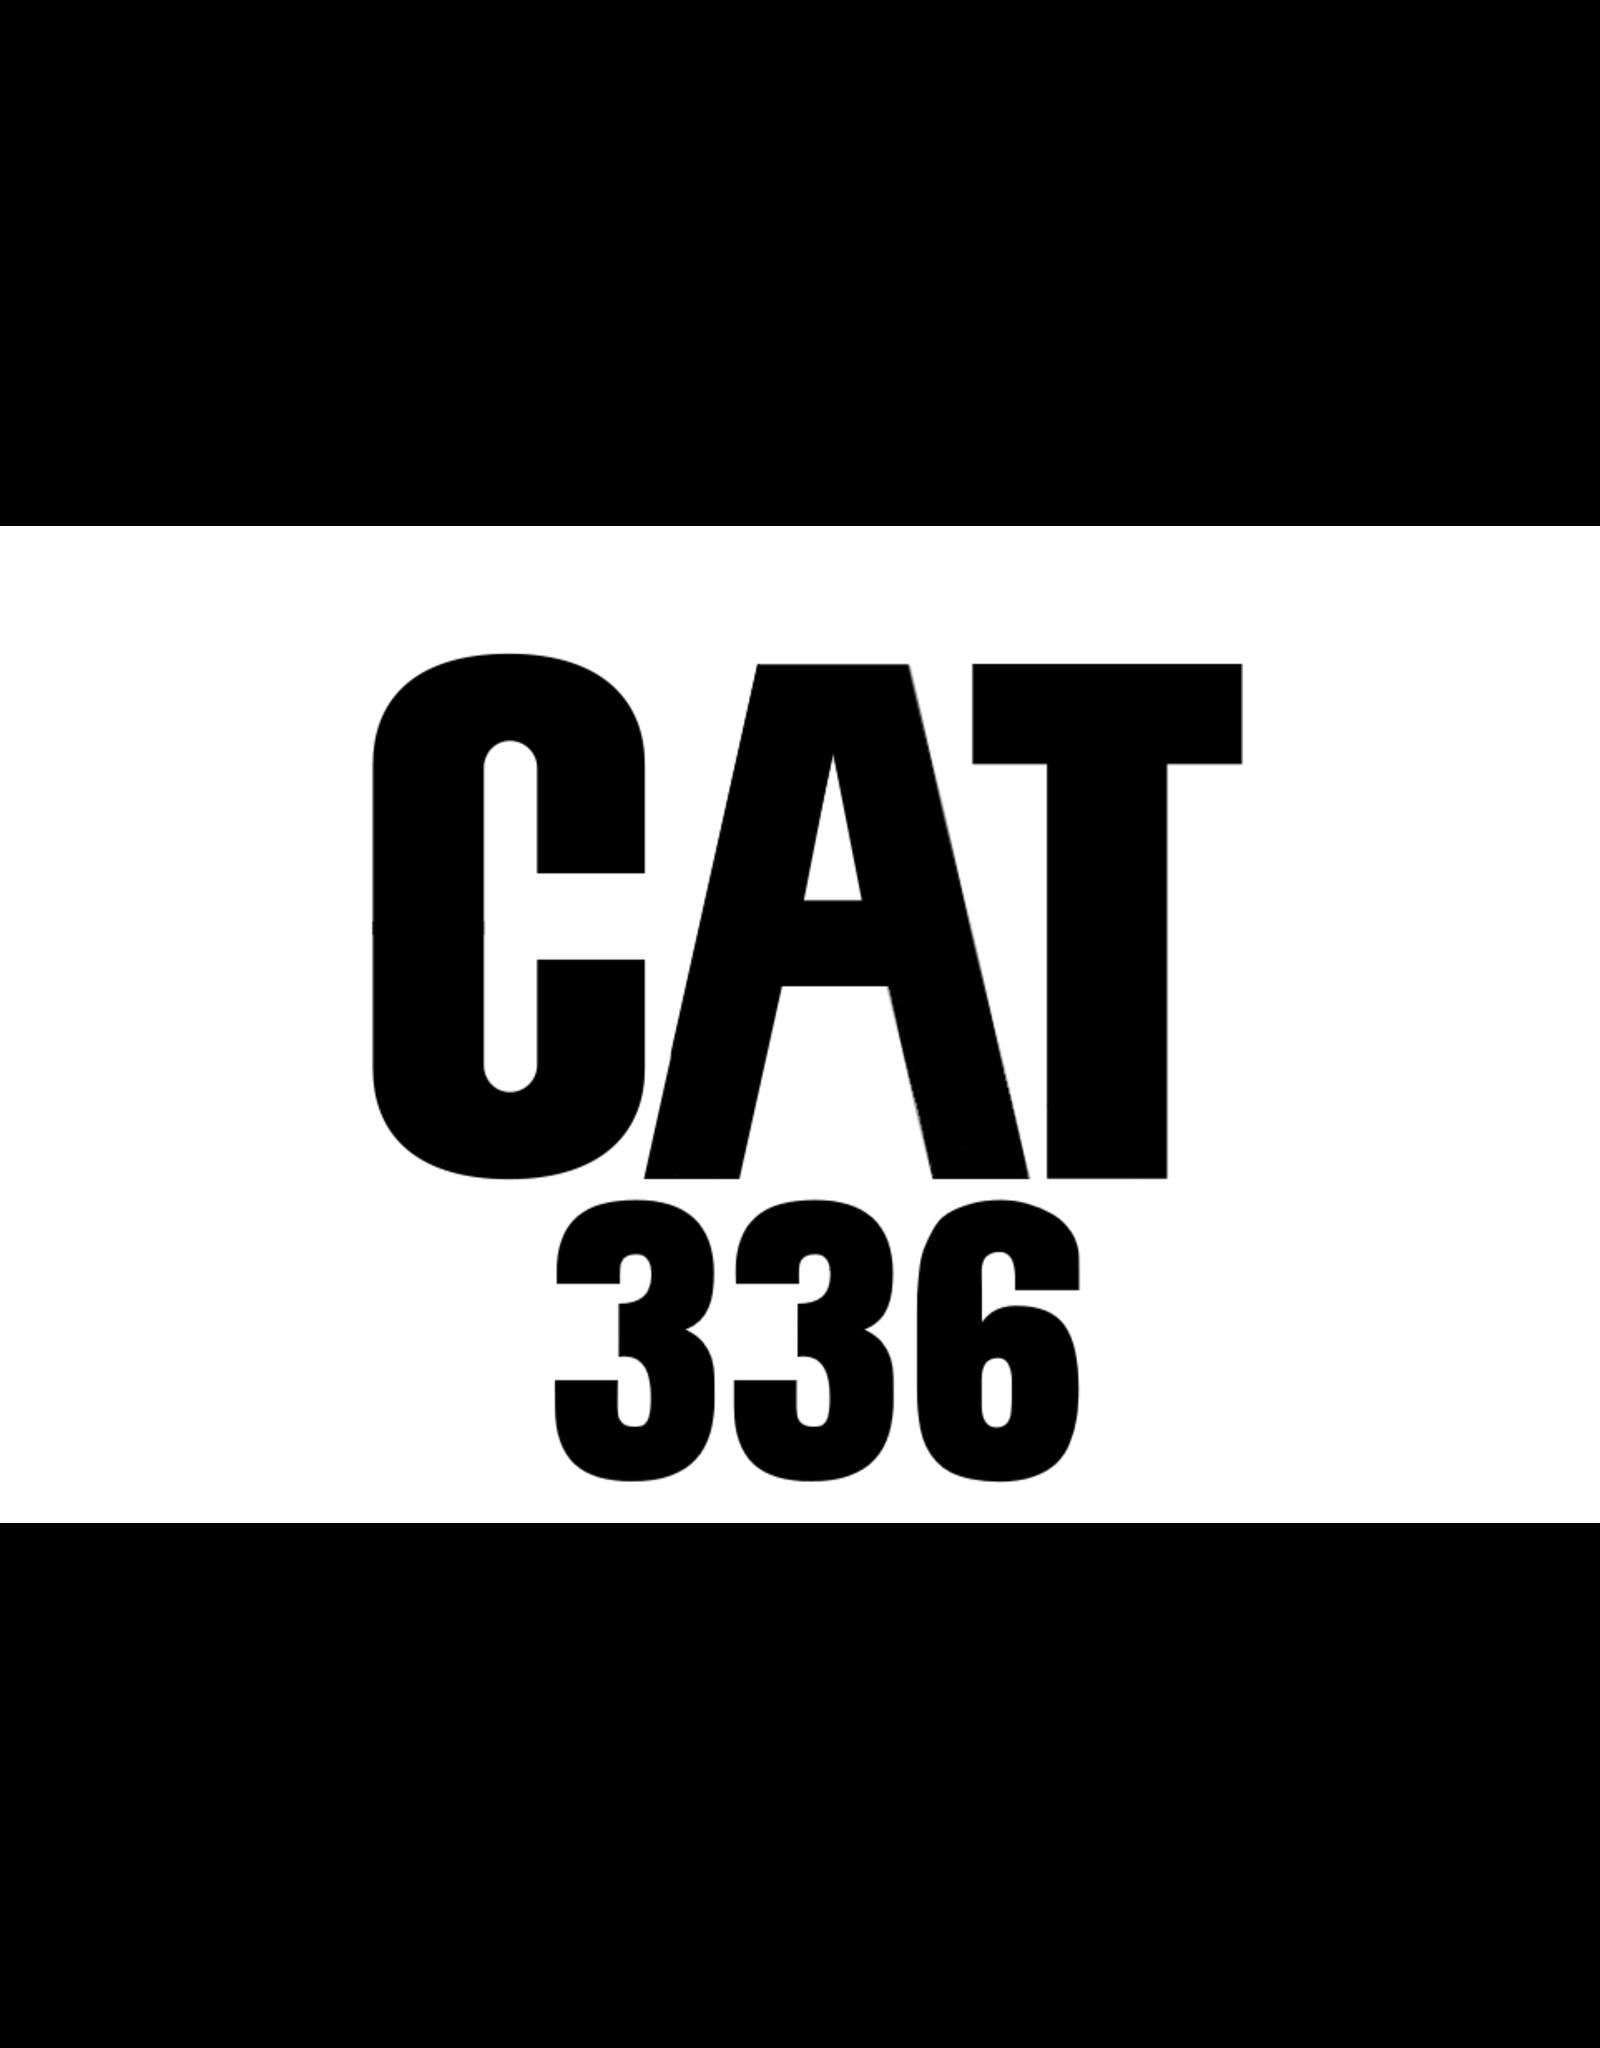 Echle Hartstahl GmbH FOPS für CAT 336